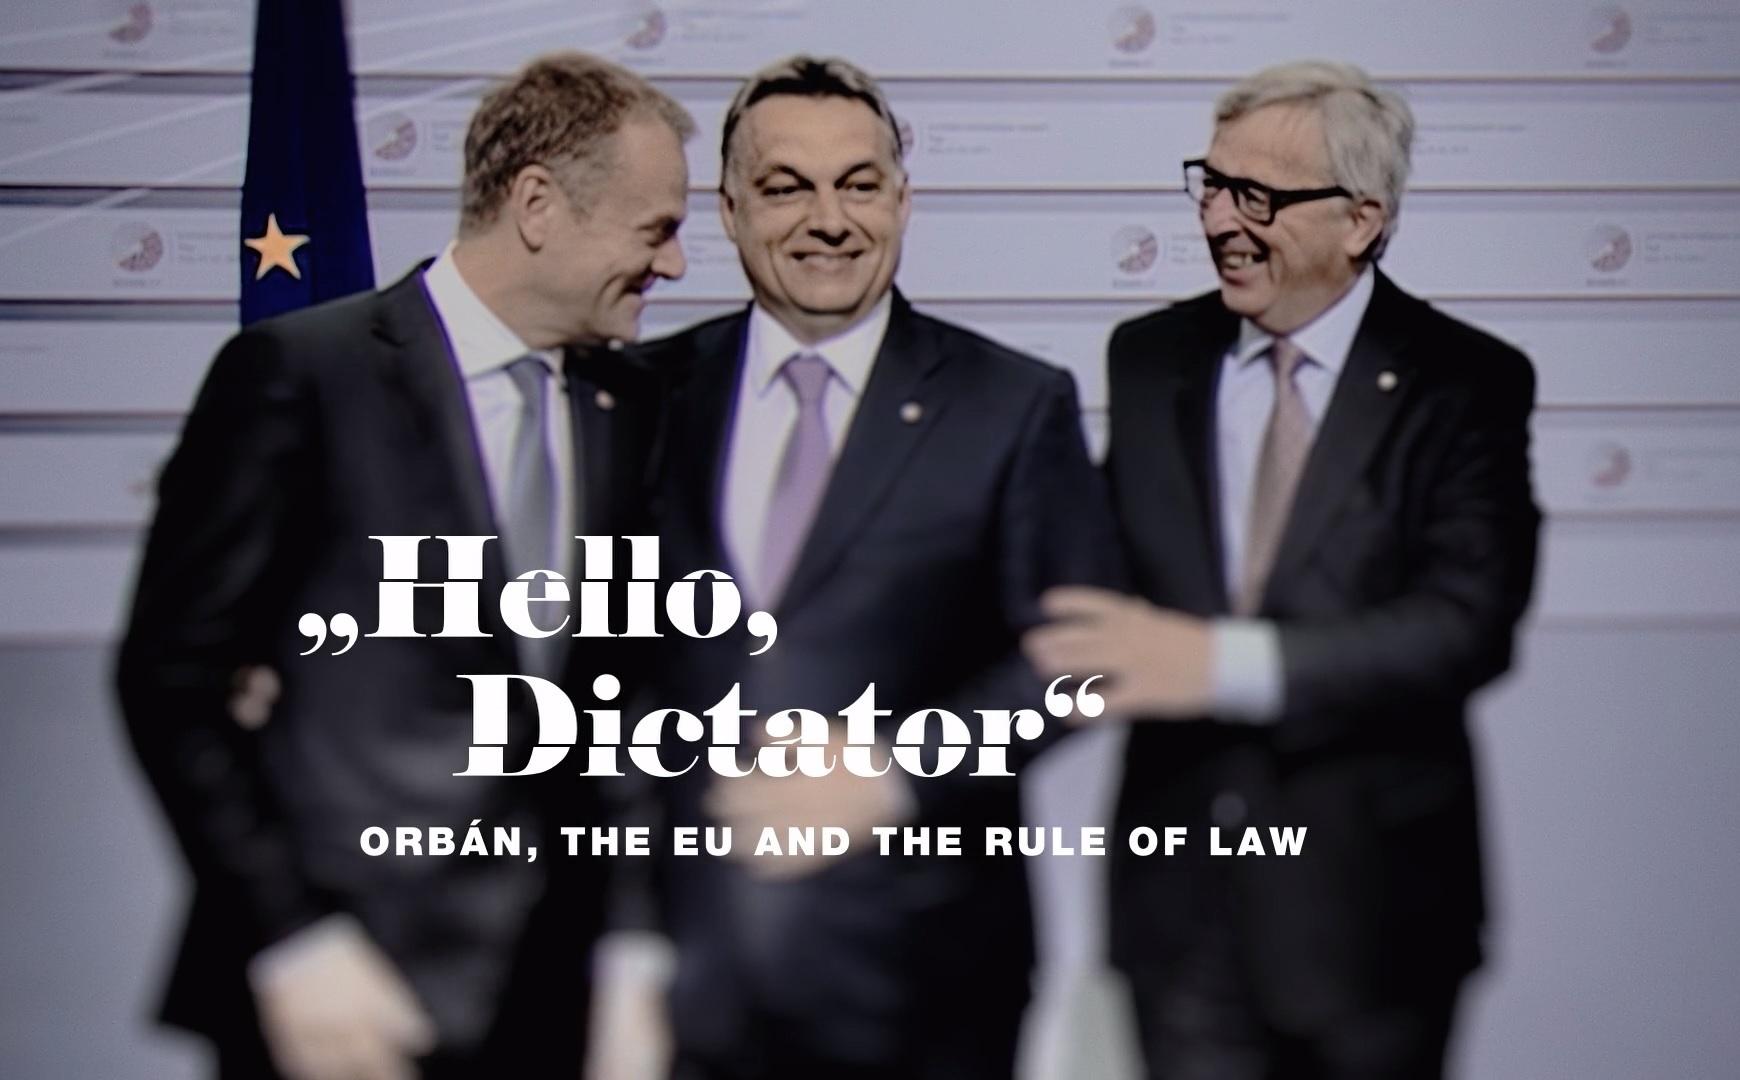 Hello, Dictator! – a film, ami elmagyarázza Nyugat-Európának, hogyan veri szét a demokráciát Orbán